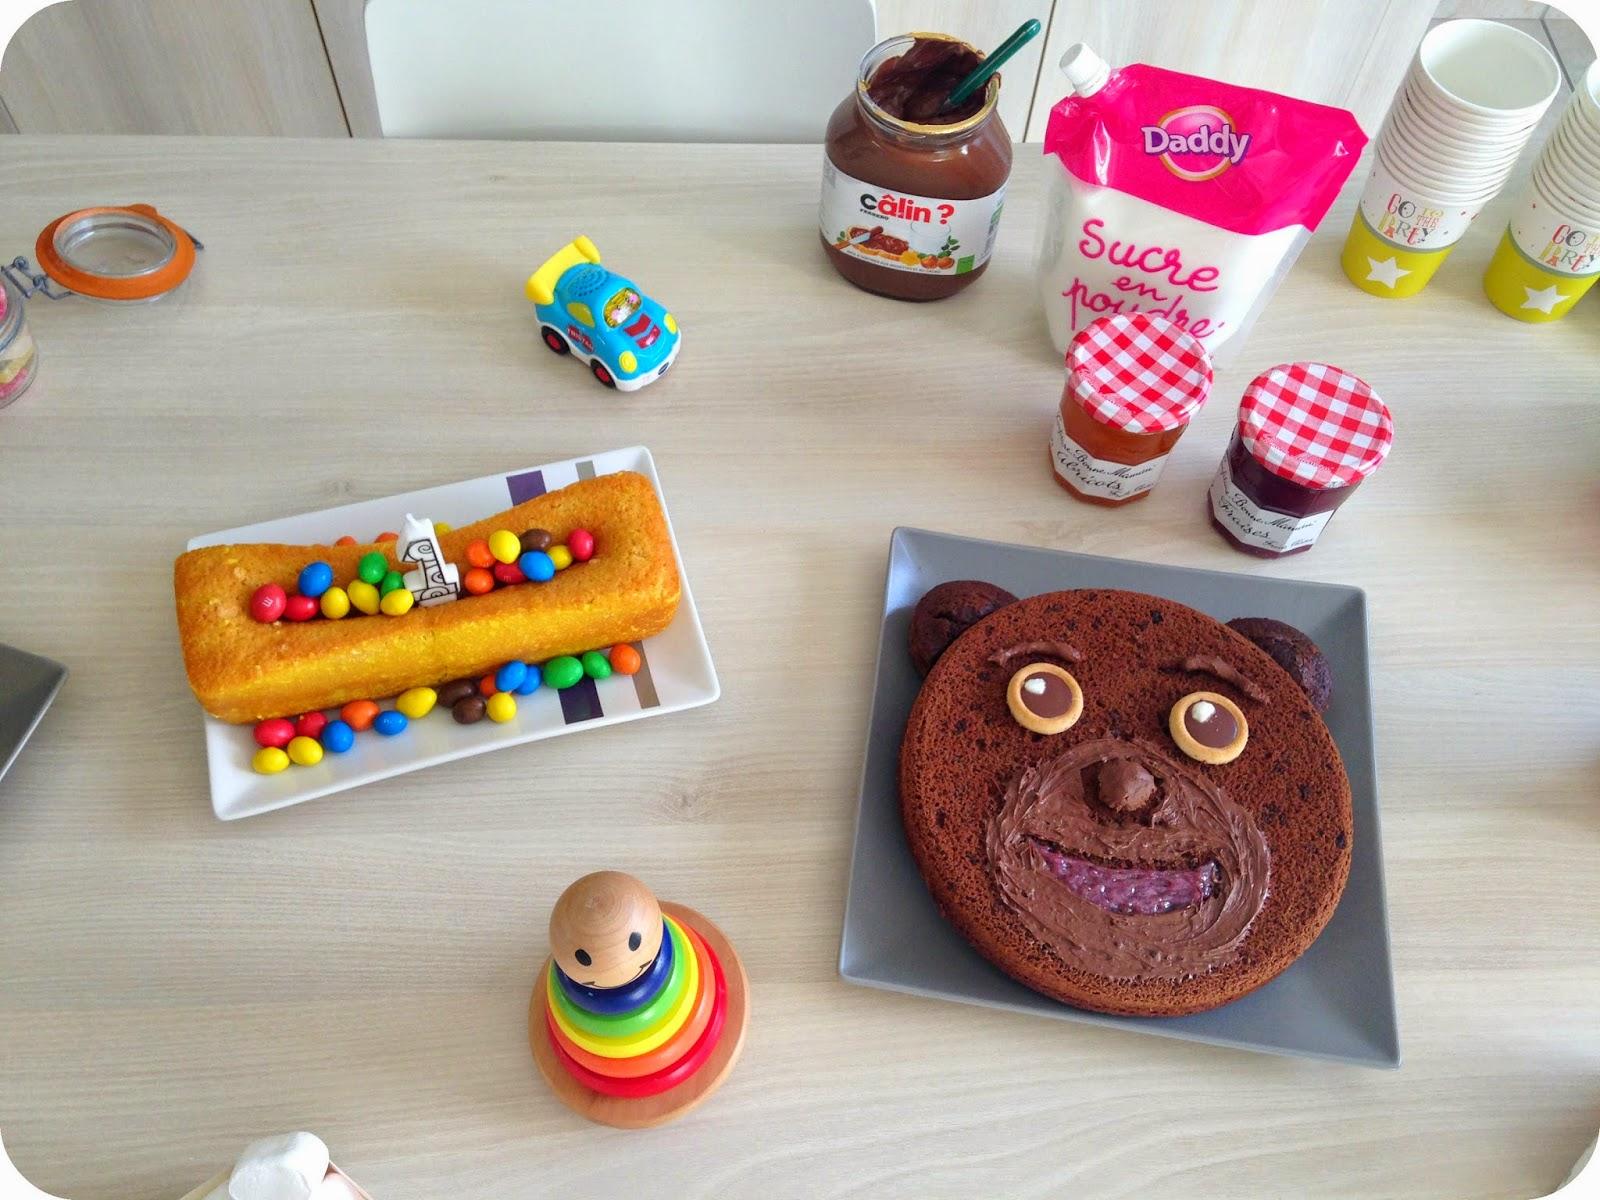 gâteau au citron et au chocolat en forme de petit ours brun